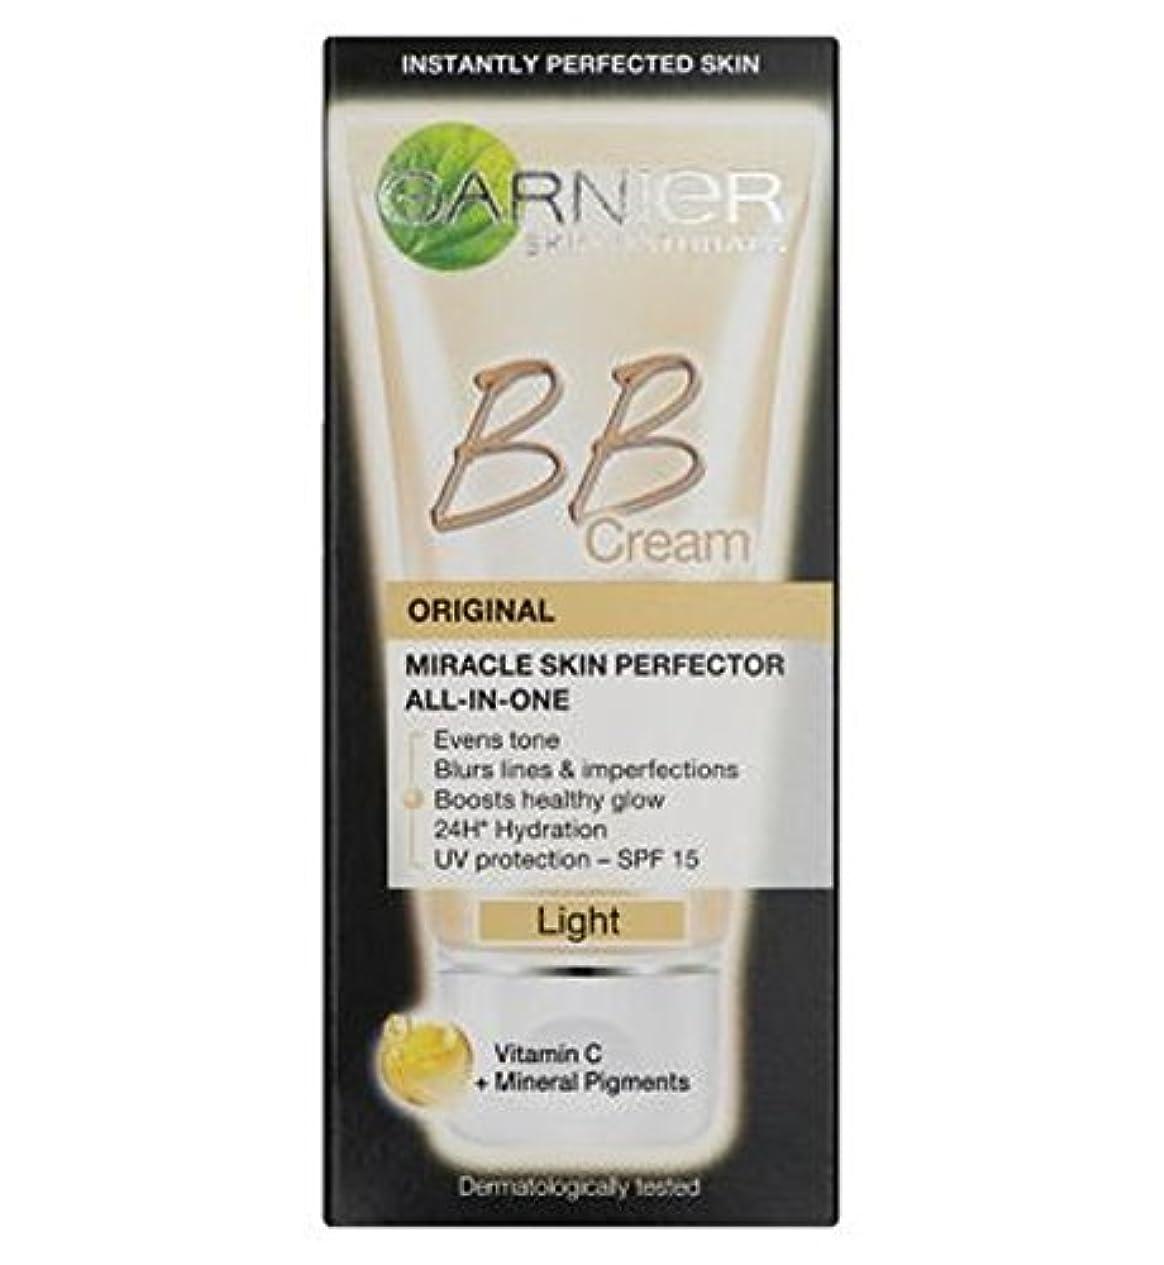 抑圧ミスにじみ出るGarnier Skin Perfector Daily All-In-One B.B. Blemish Balm Cream Light 50ml - 毎日オールインワンB.B.ガルニエスキンパーフェク傷バームクリームライト...